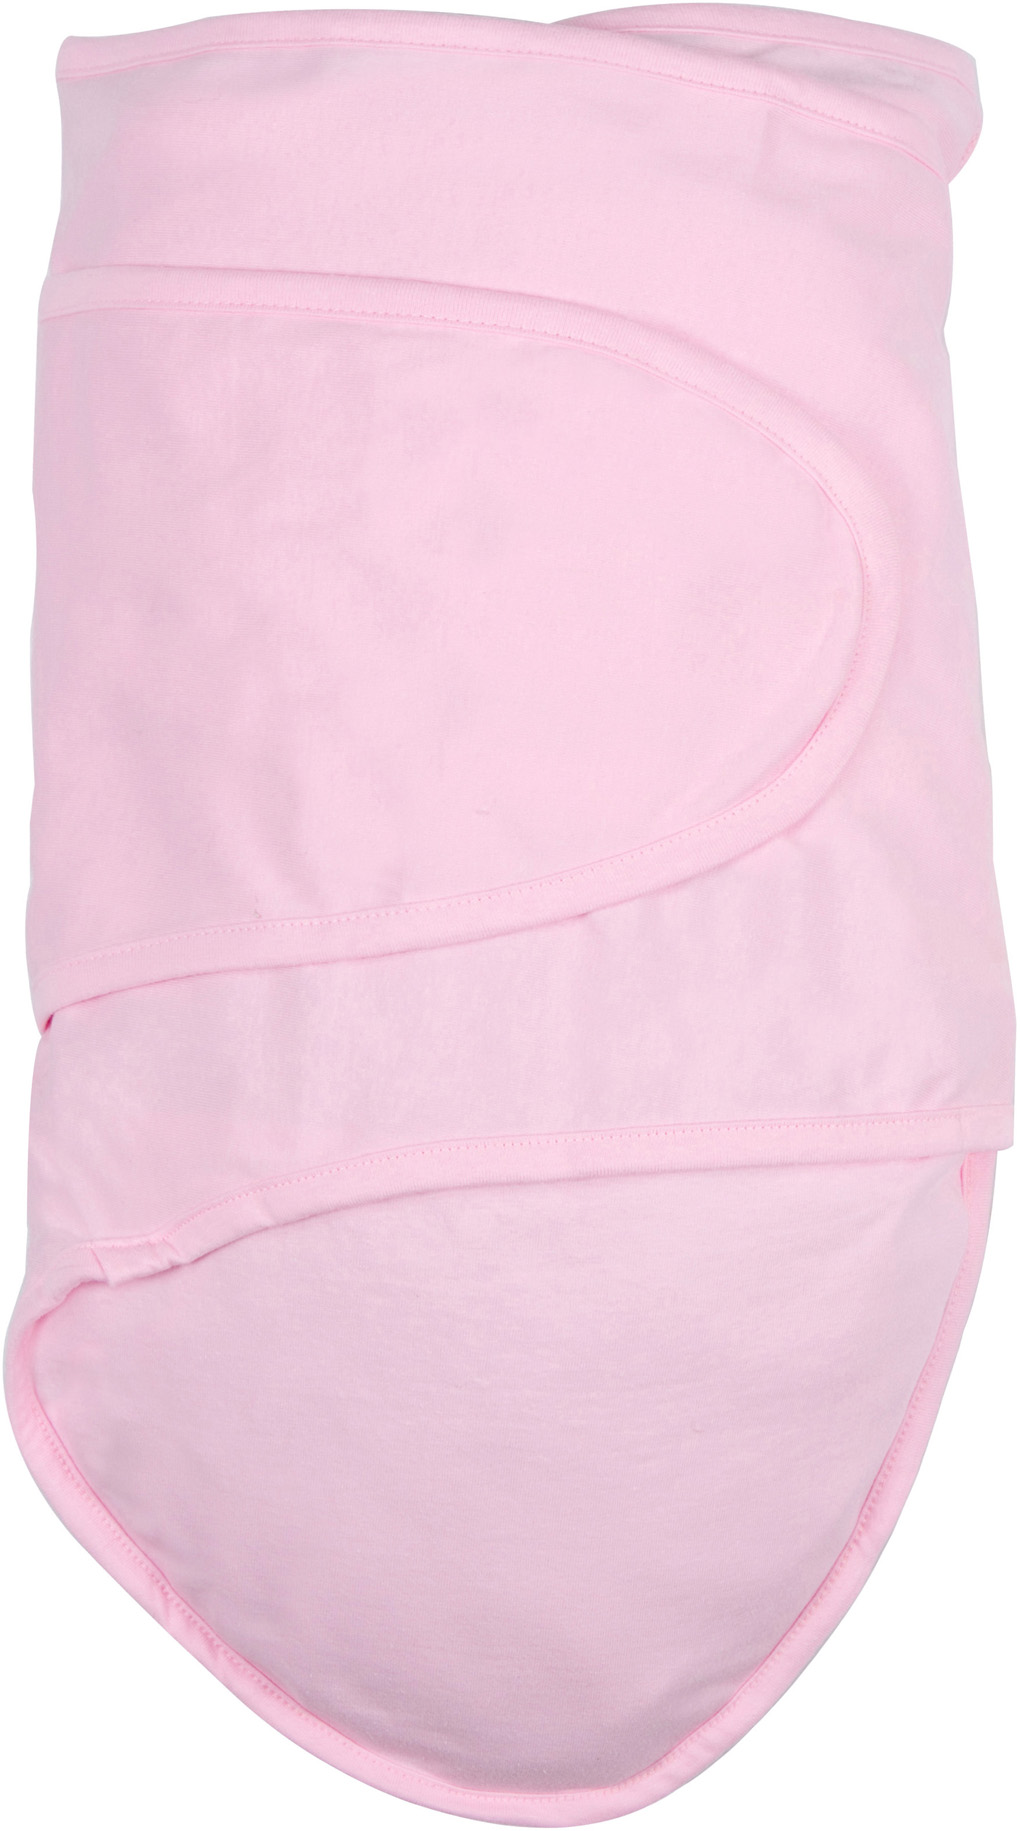 Miracle Blanket®: Garden Pink